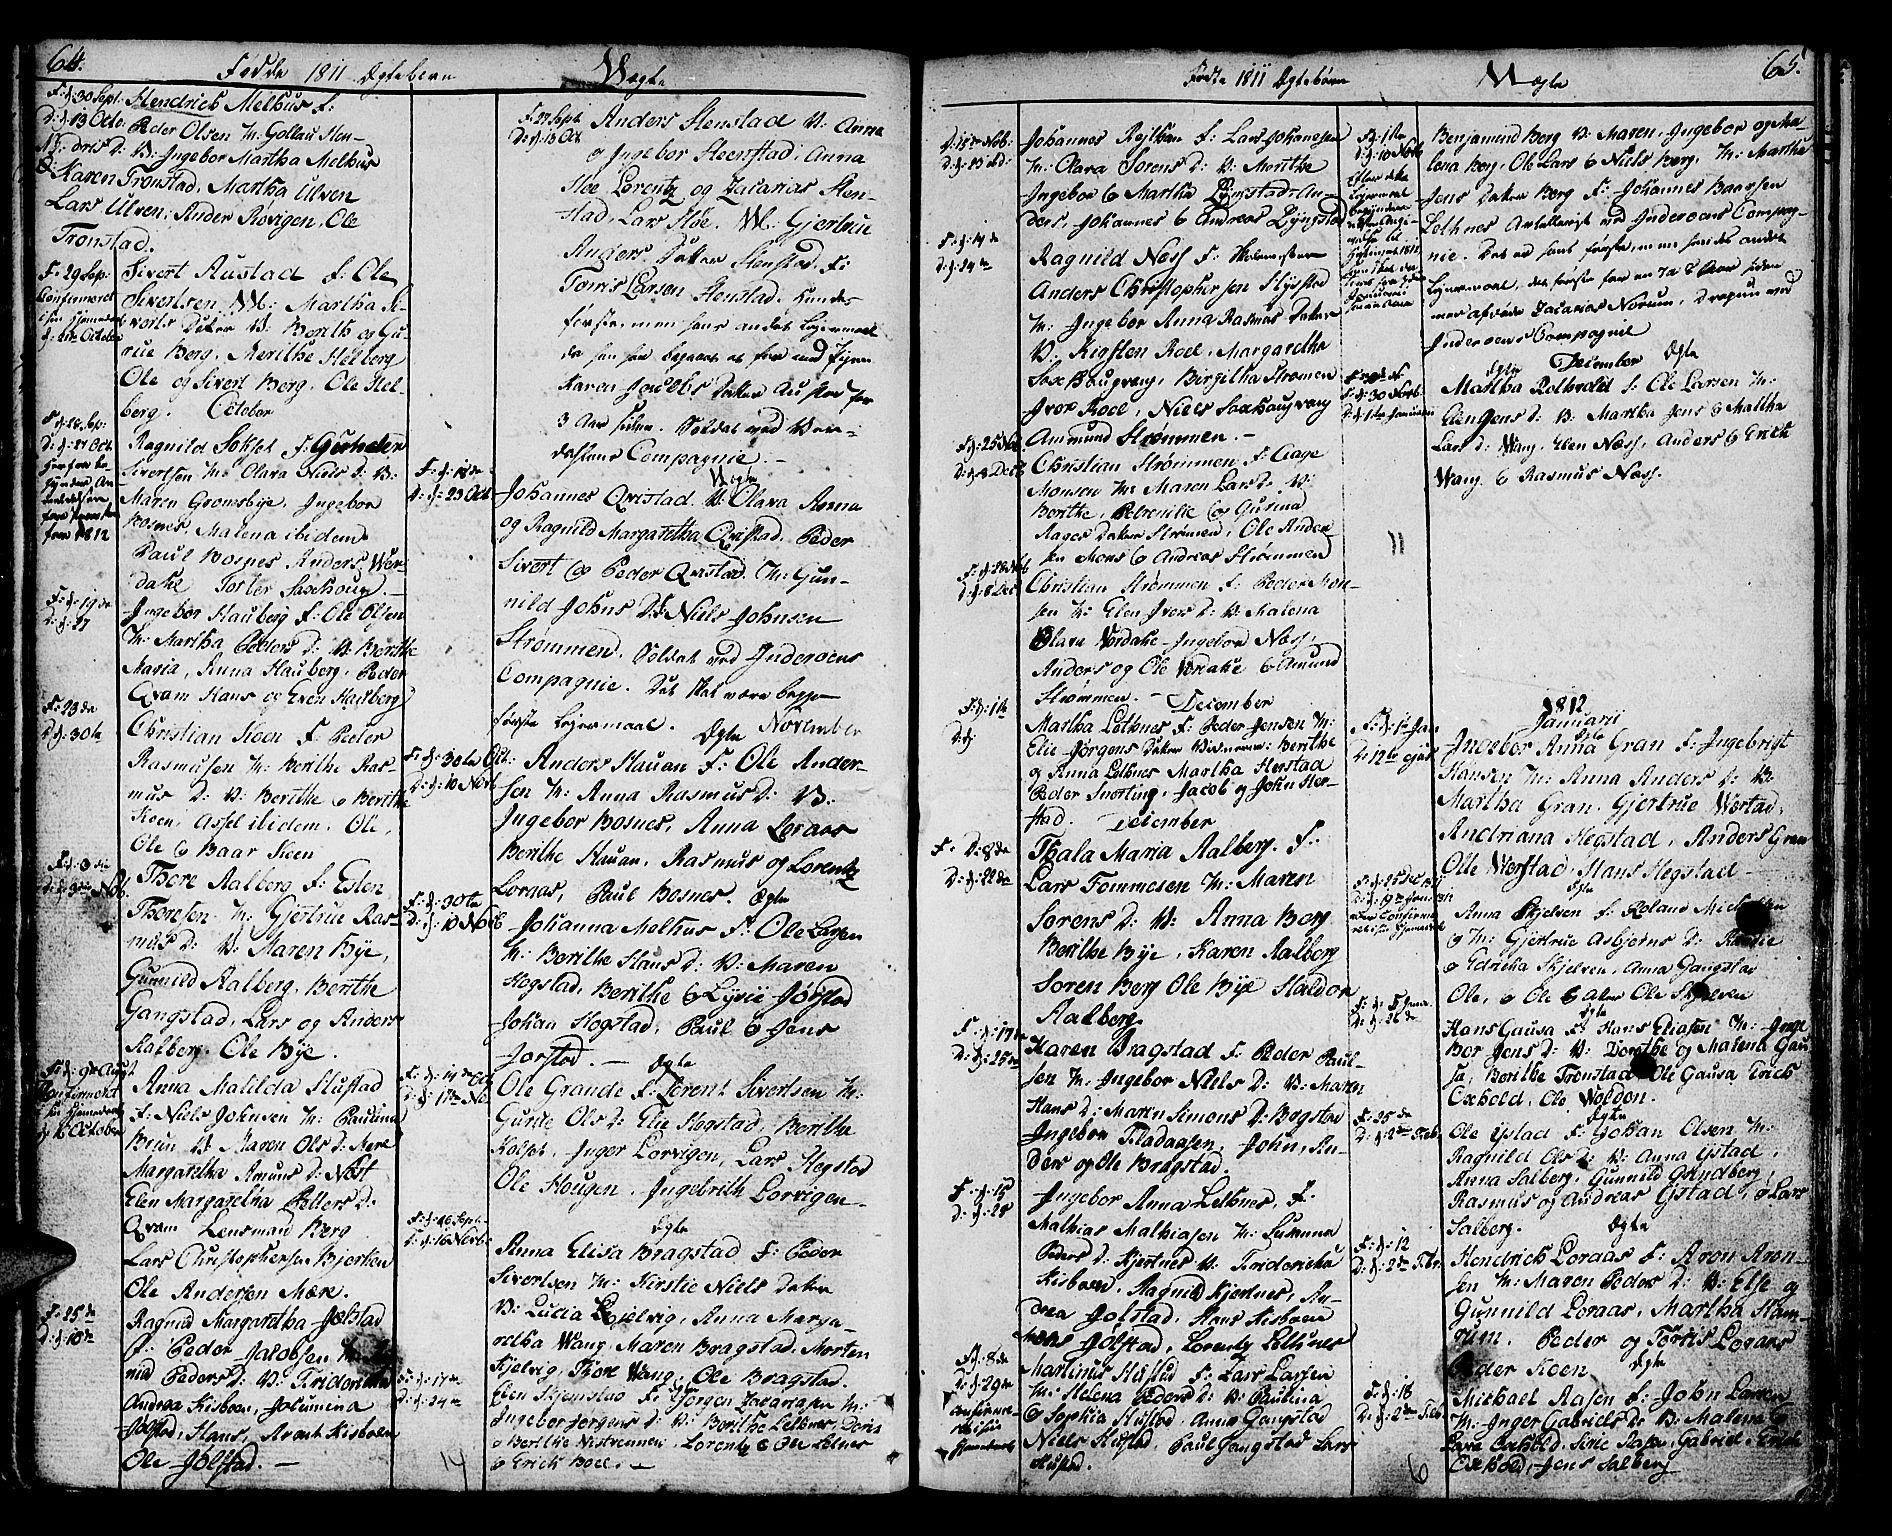 SAT, Ministerialprotokoller, klokkerbøker og fødselsregistre - Nord-Trøndelag, 730/L0274: Ministerialbok nr. 730A03, 1802-1816, s. 64-65